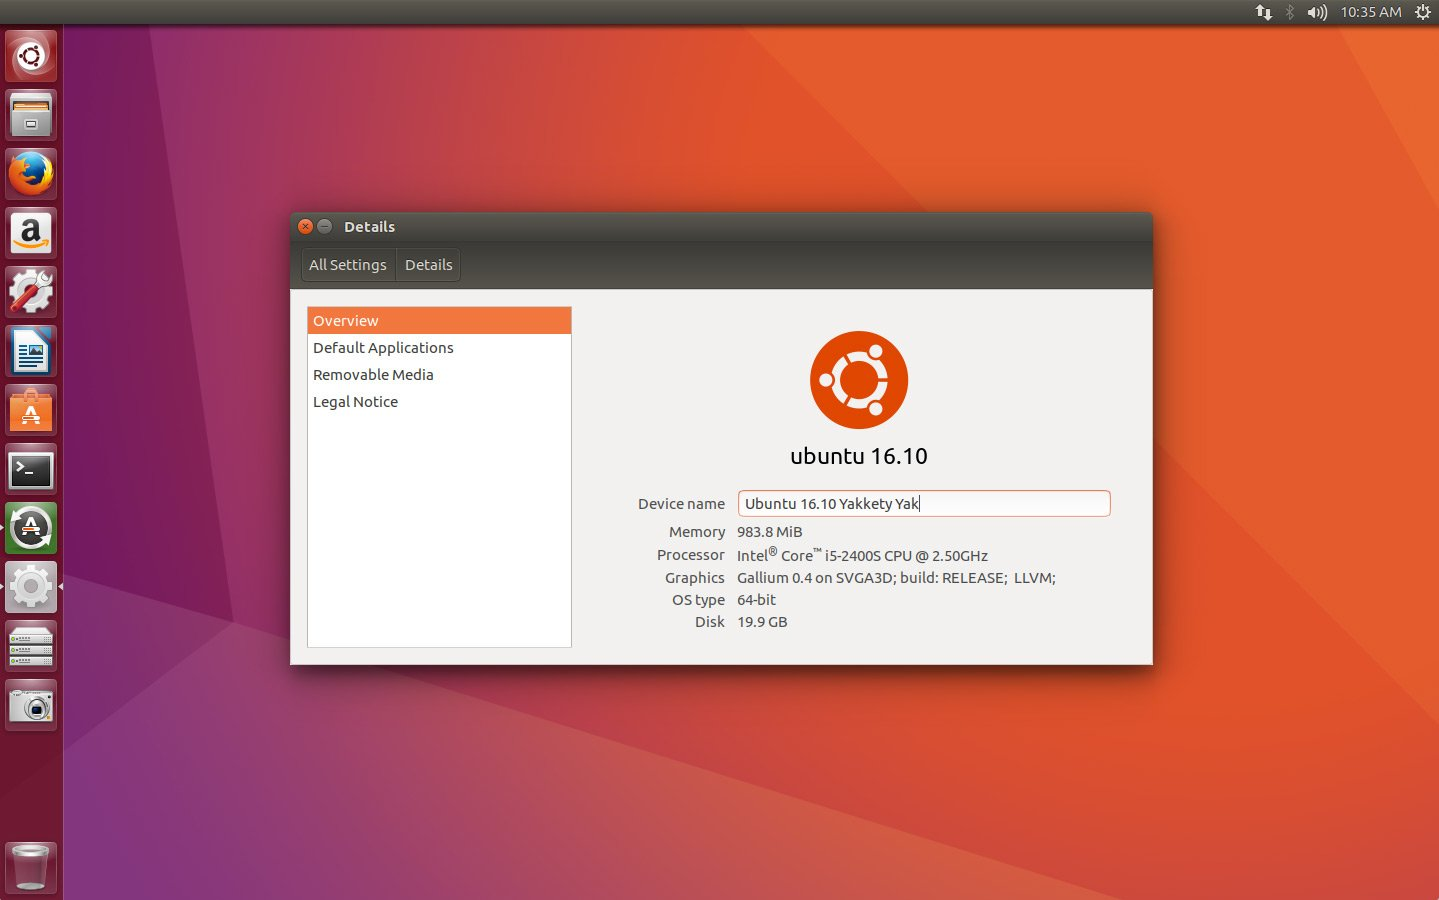 ubuntu 16.10 beta 2